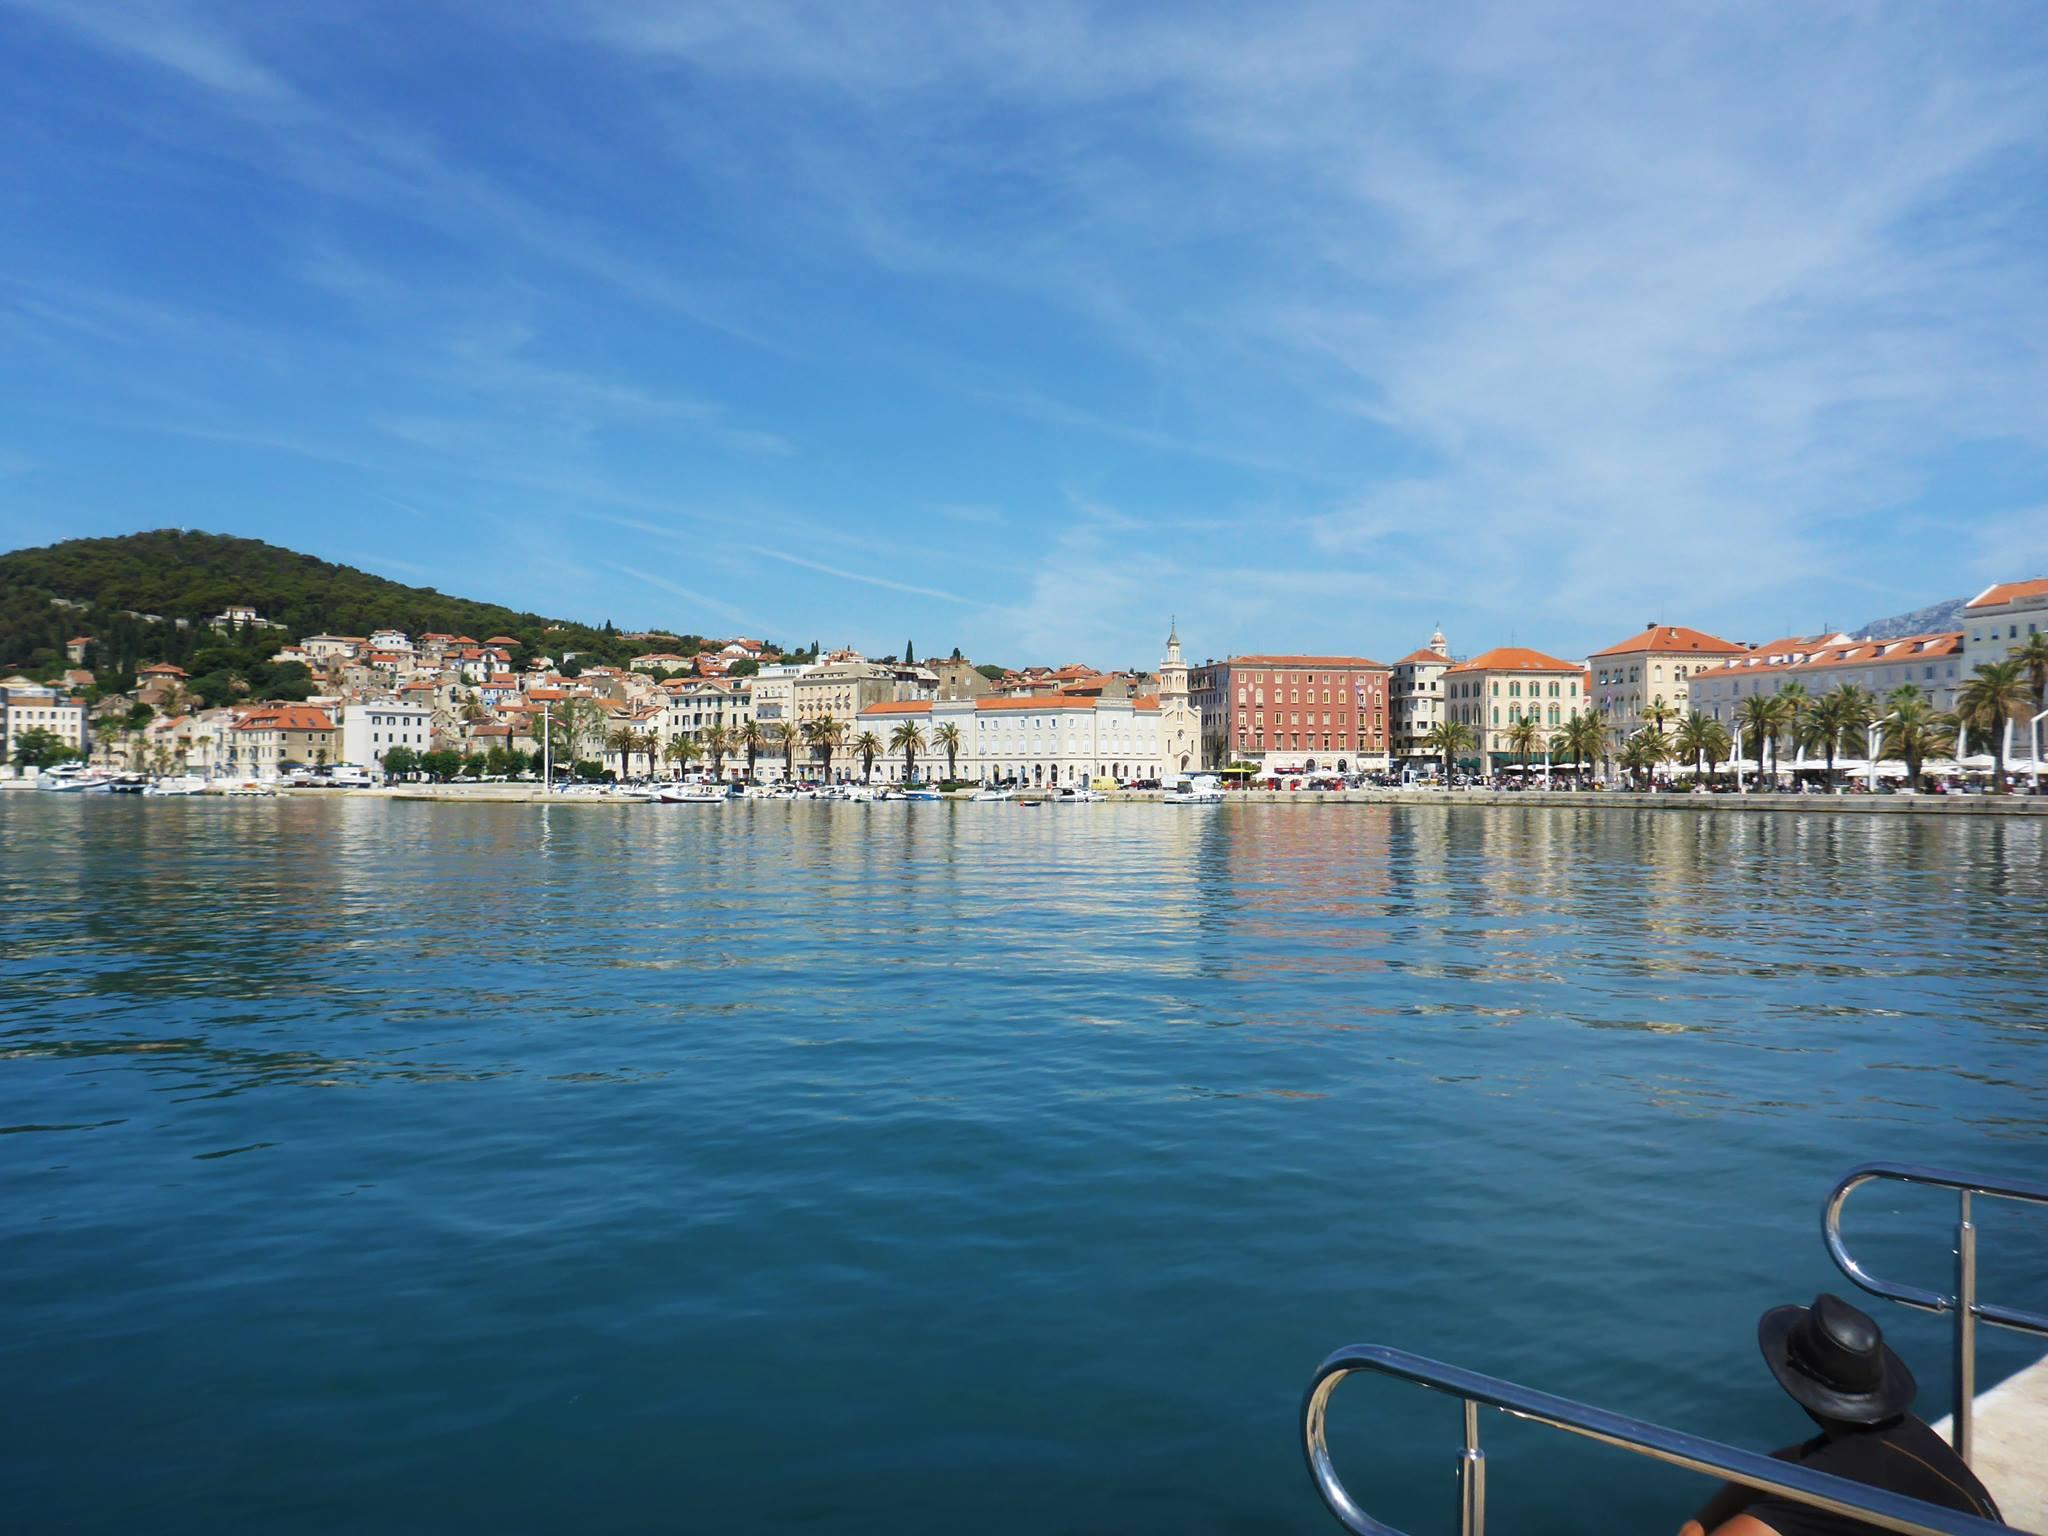 Je rejoins la ville de Split pour une dizaine de jours de pause, cela afin d'attendre Damien, un ami de France venant marcher avec moi deux semaines